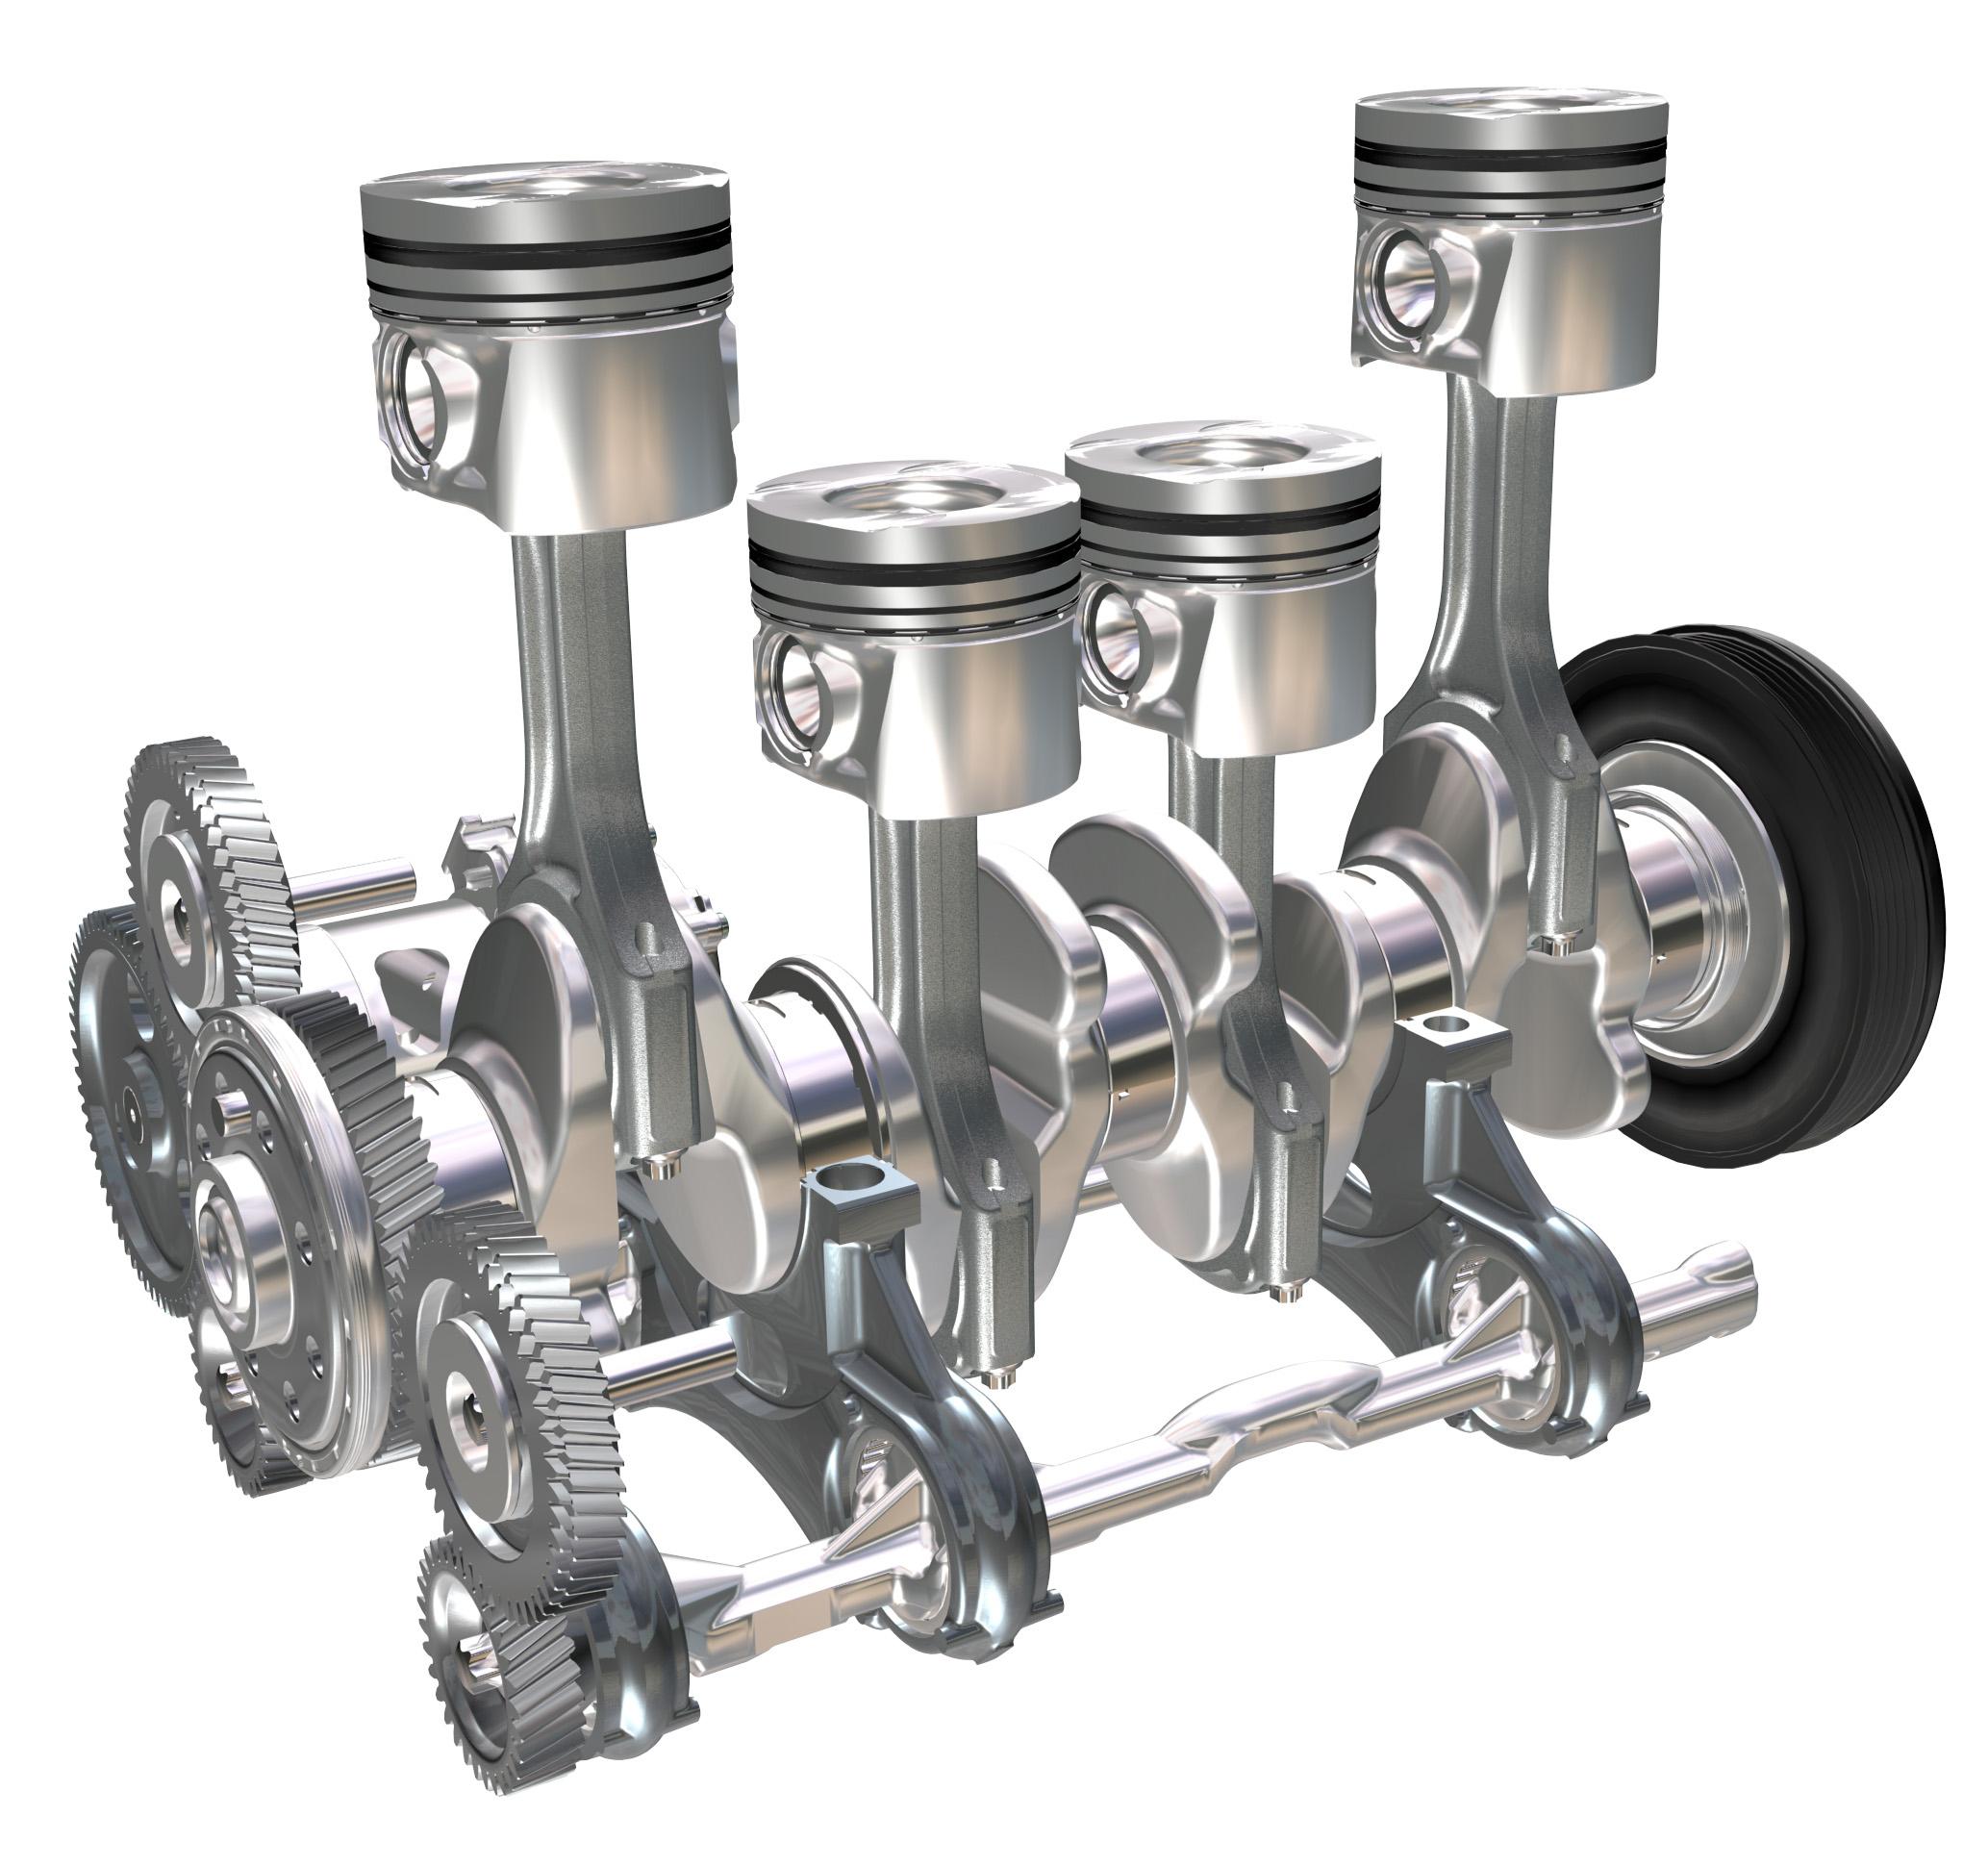 Neue Motoren für die A-Klasse: Sparsamer und stärker - Auto ...